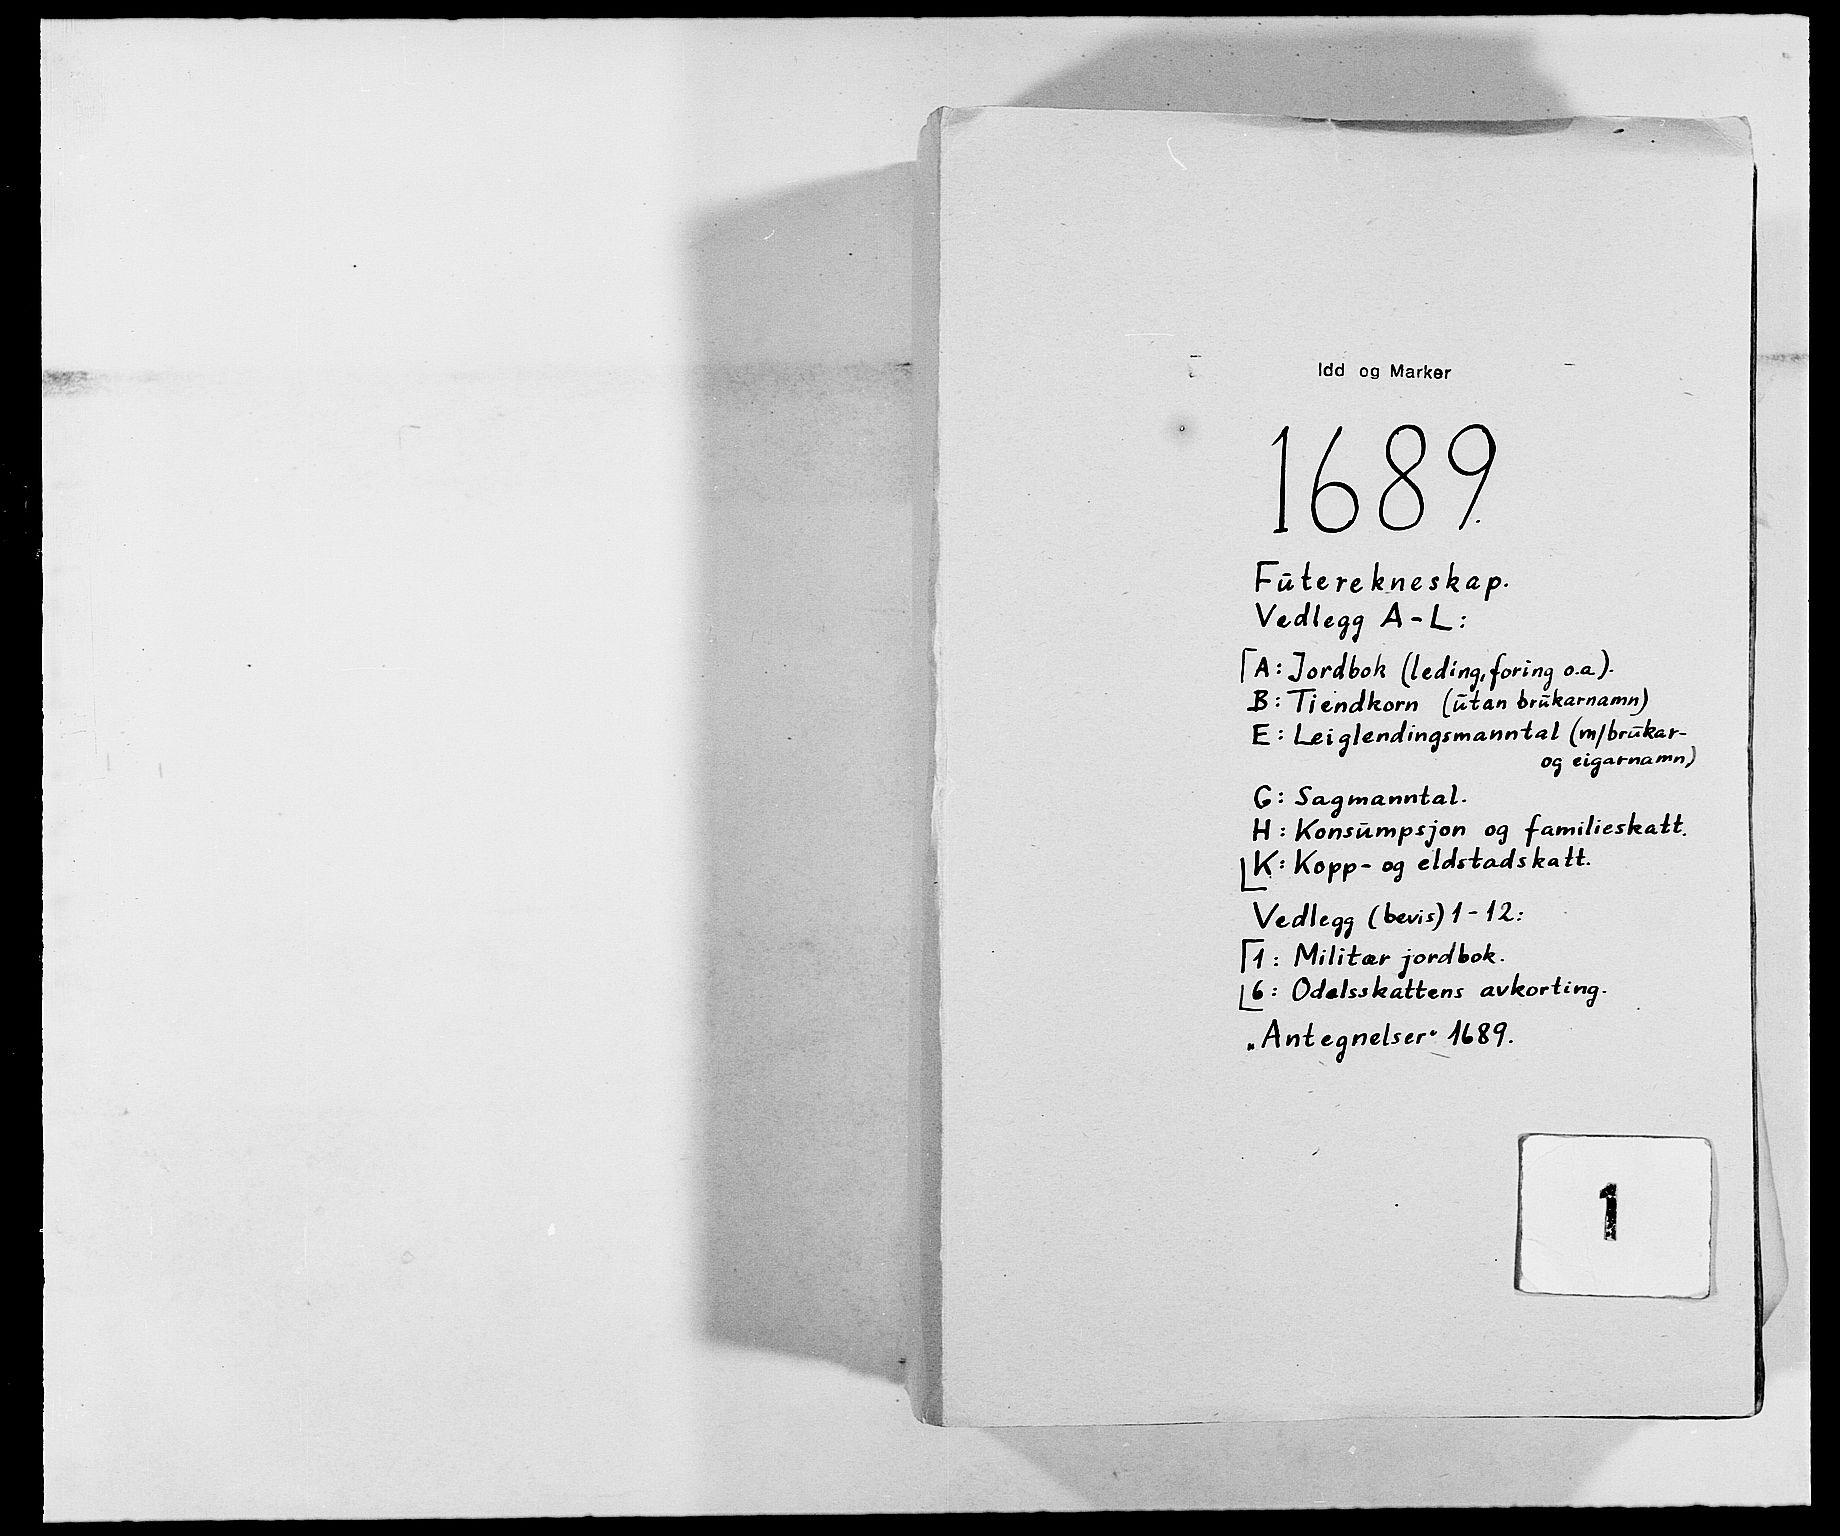 RA, Rentekammeret inntil 1814, Reviderte regnskaper, Fogderegnskap, R01/L0008: Fogderegnskap Idd og Marker, 1689, s. 1